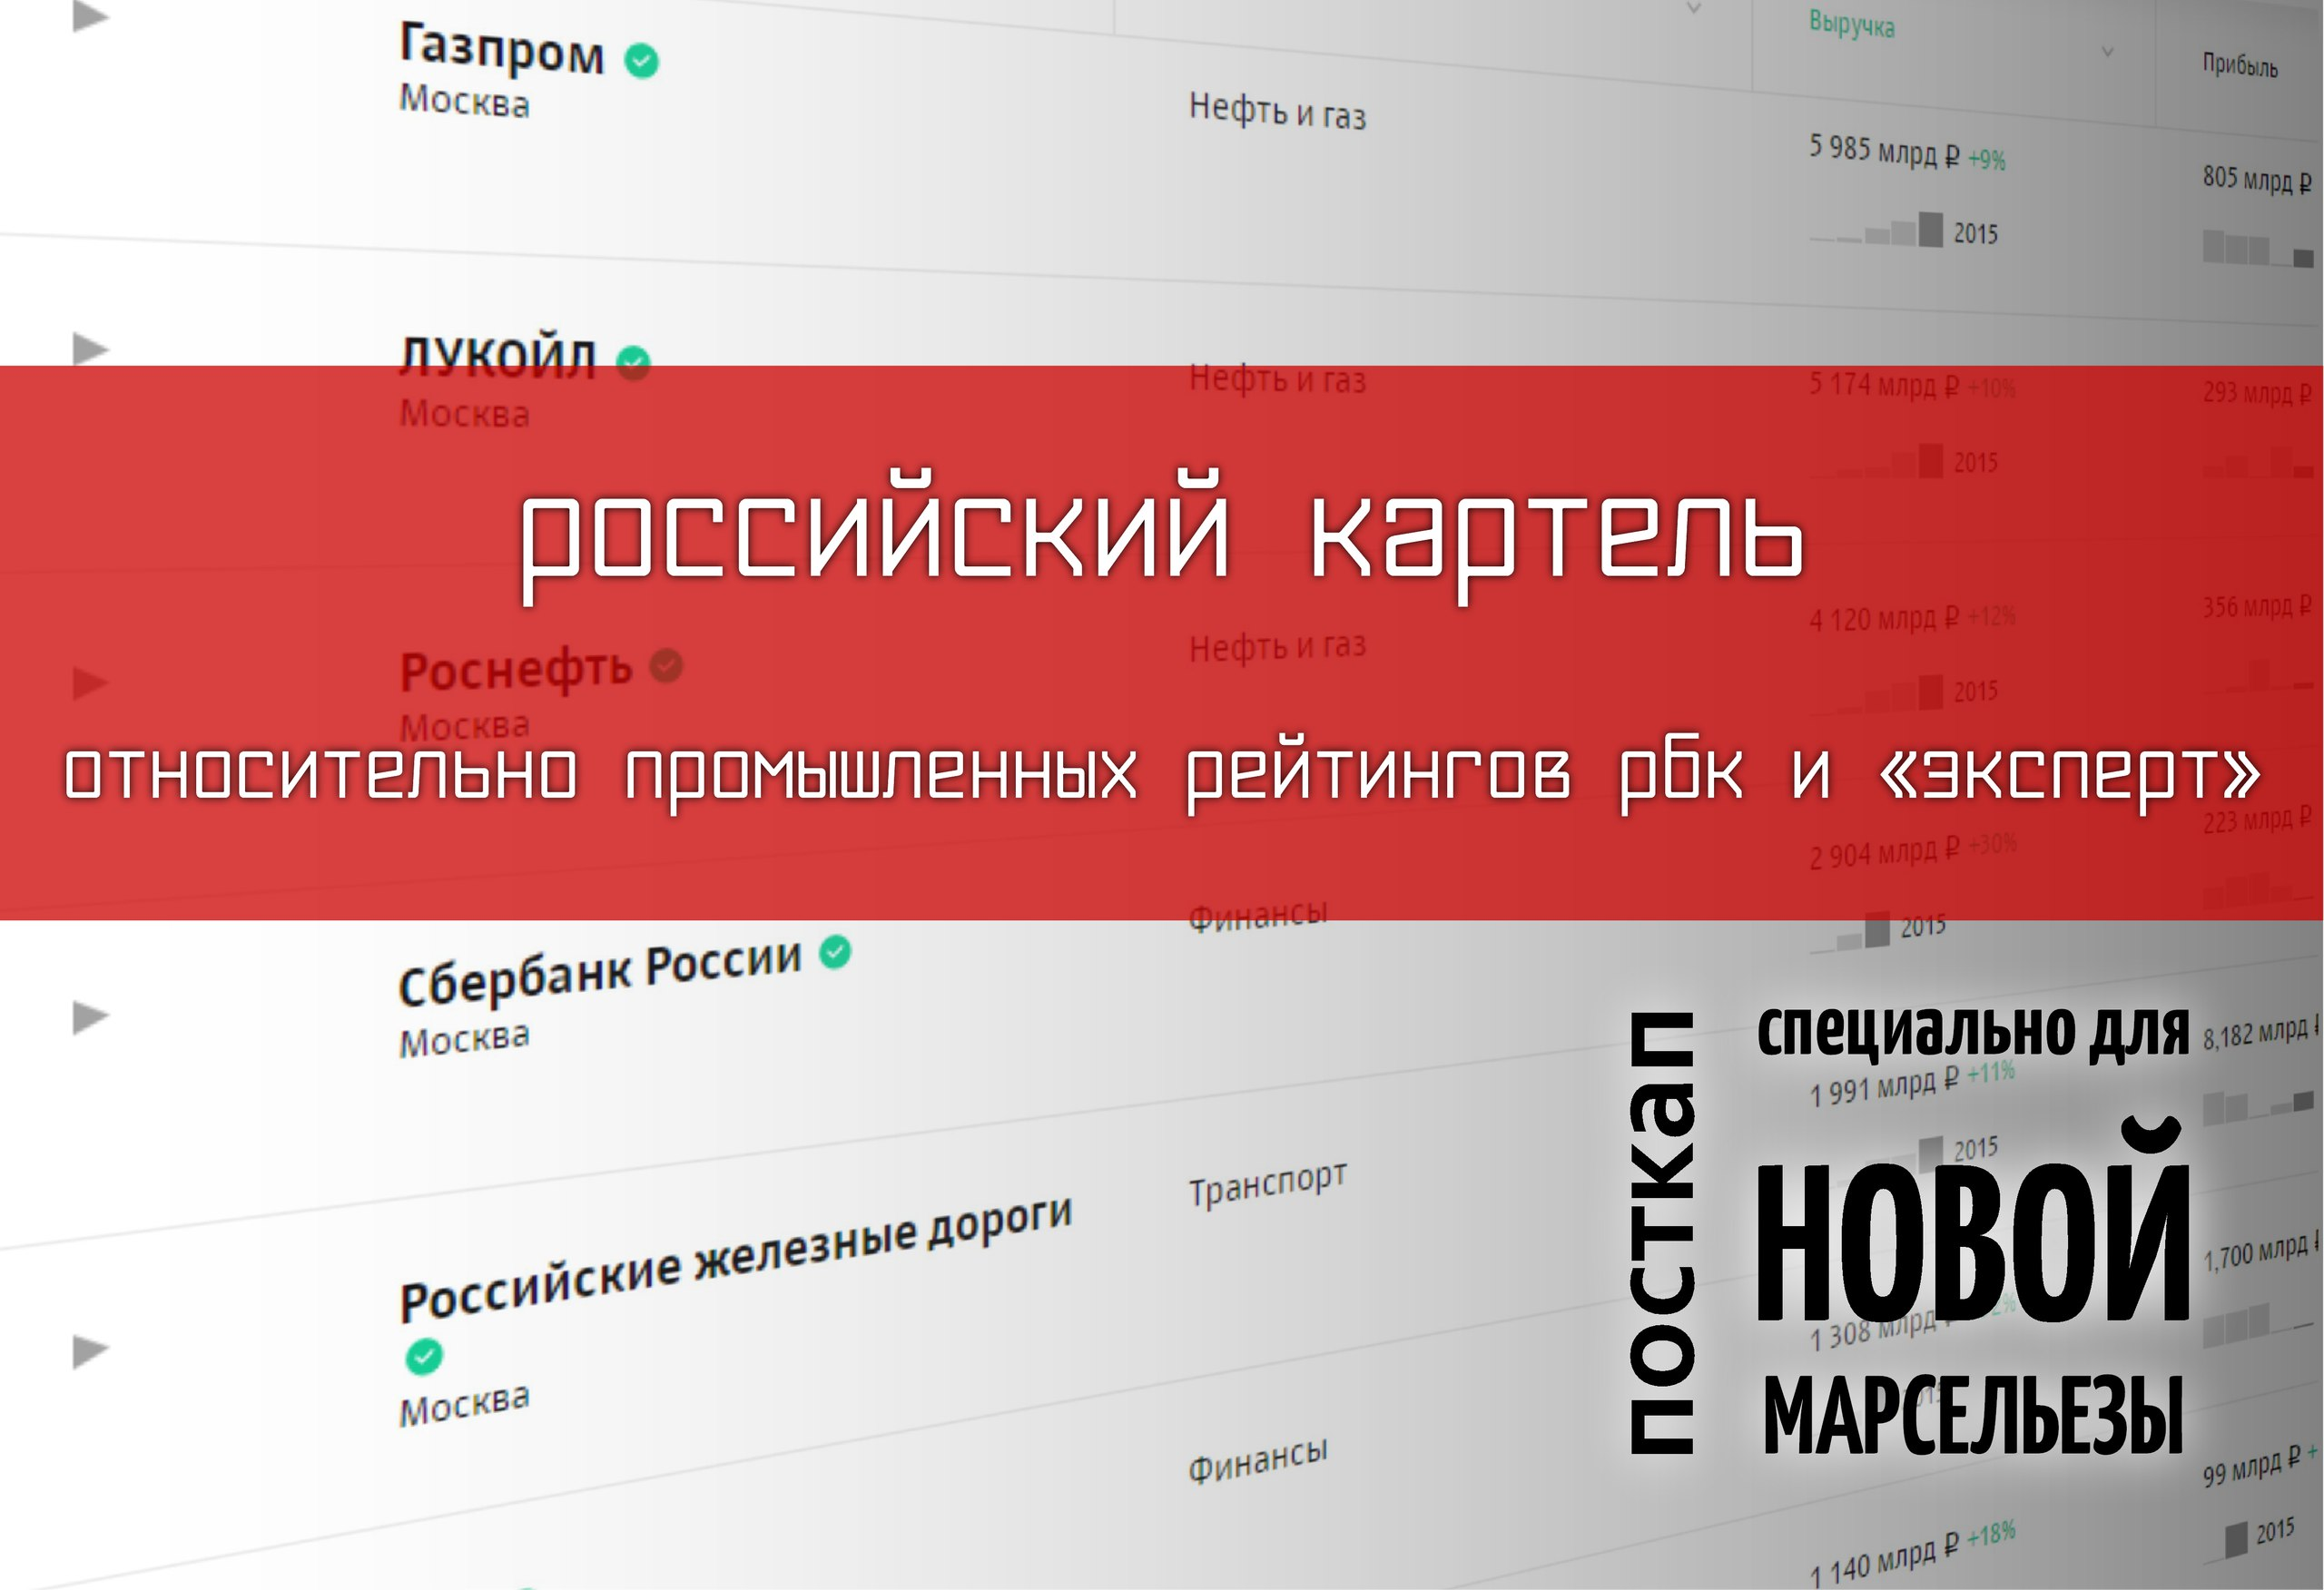 Российский картель. Относительно промышленных рейтингов РБК и «Эксперт»